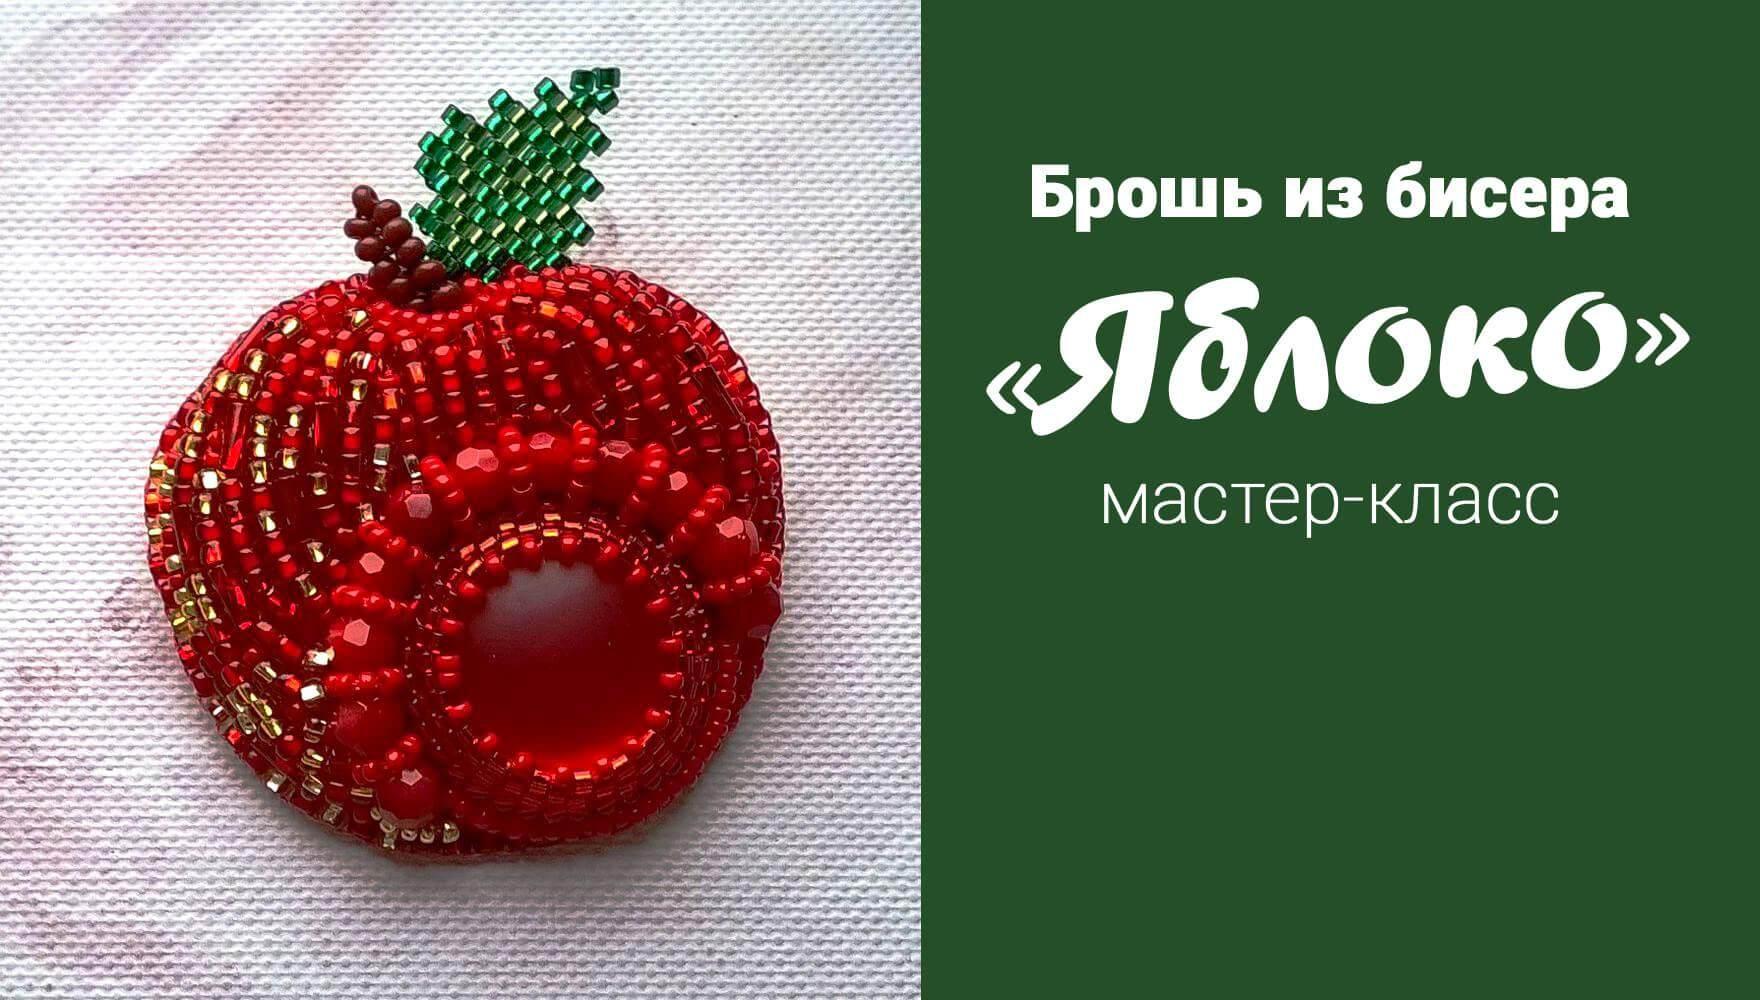 Брошь «Яблоко» из бисера.